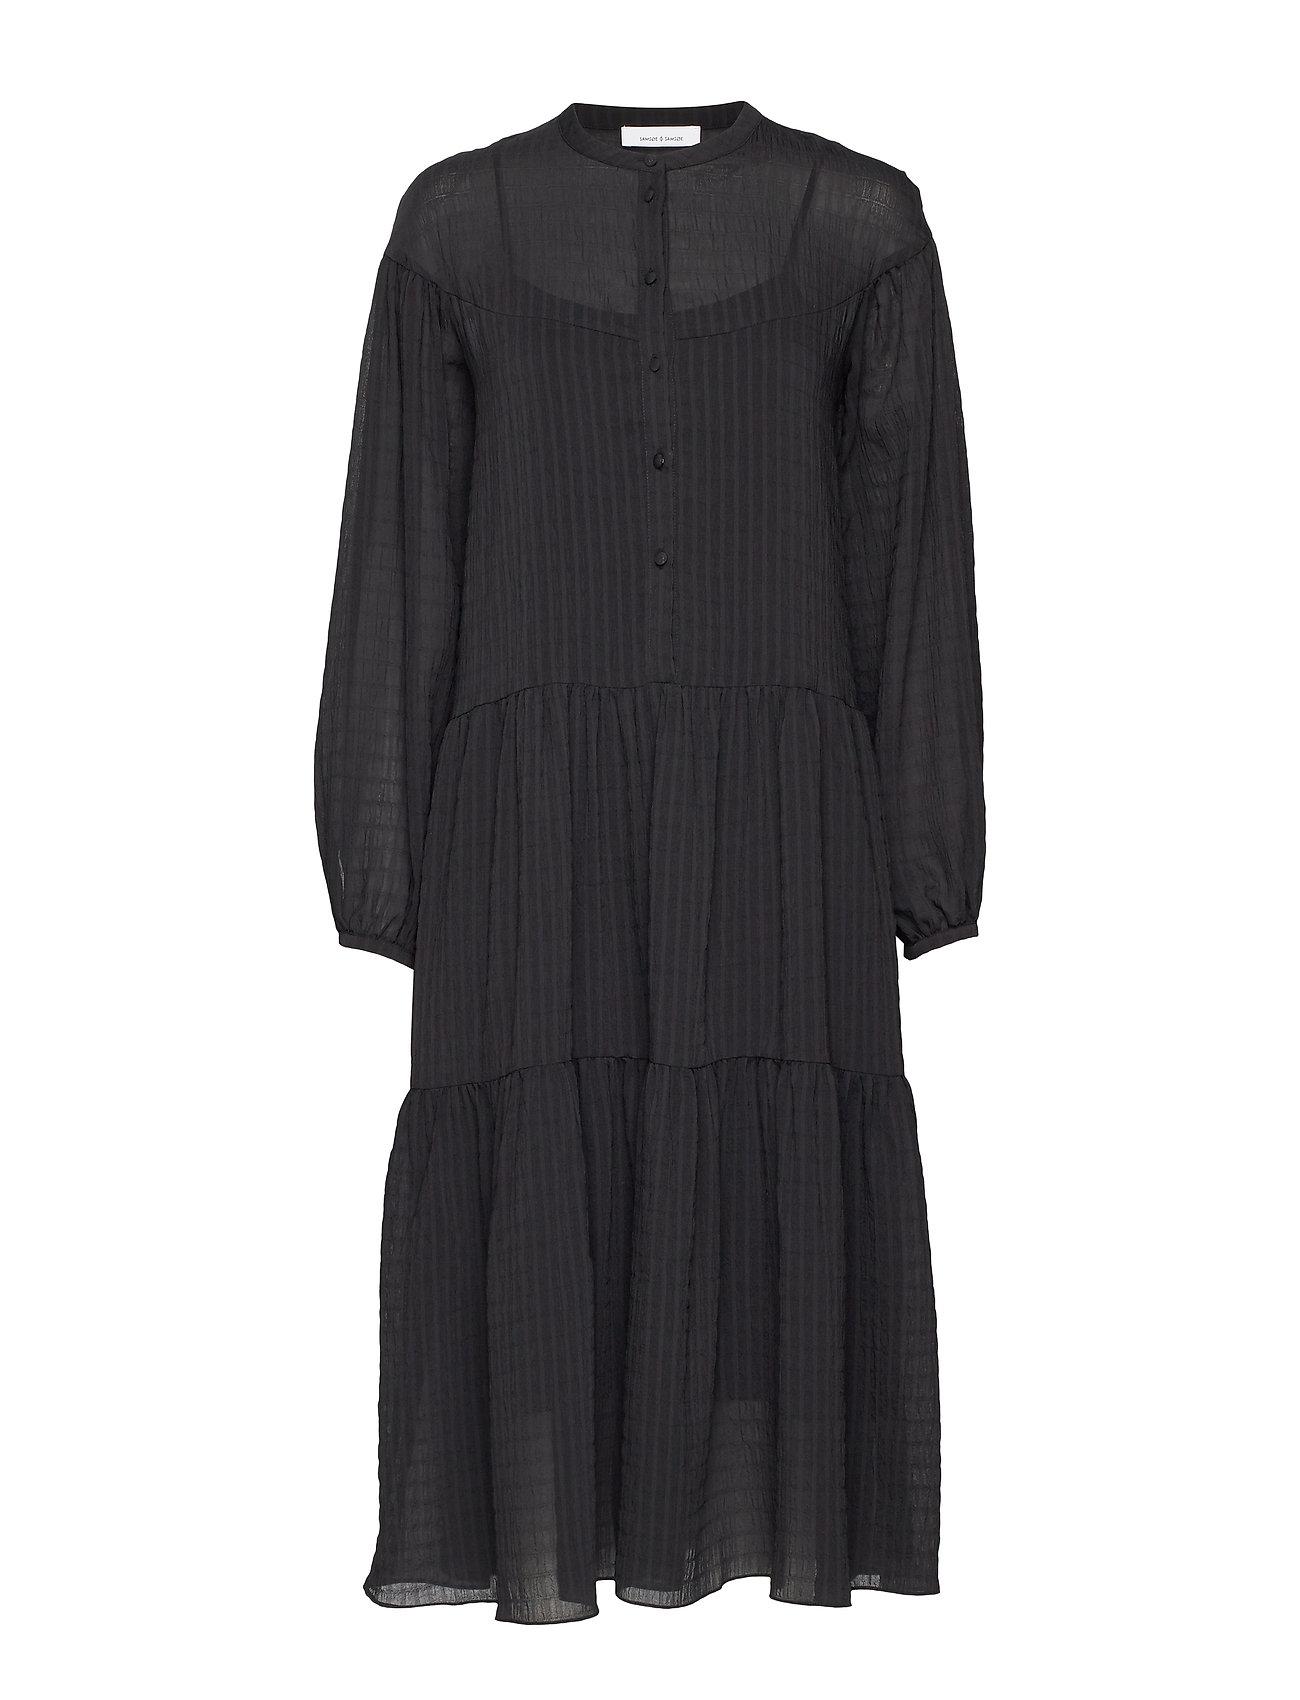 Dress 11156blackSamsøeamp; Rhonda Rhonda Rhonda Dress Dress 11156blackSamsøeamp; 11156blackSamsøeamp; 11156blackSamsøeamp; Dress Rhonda lJTKc3F1